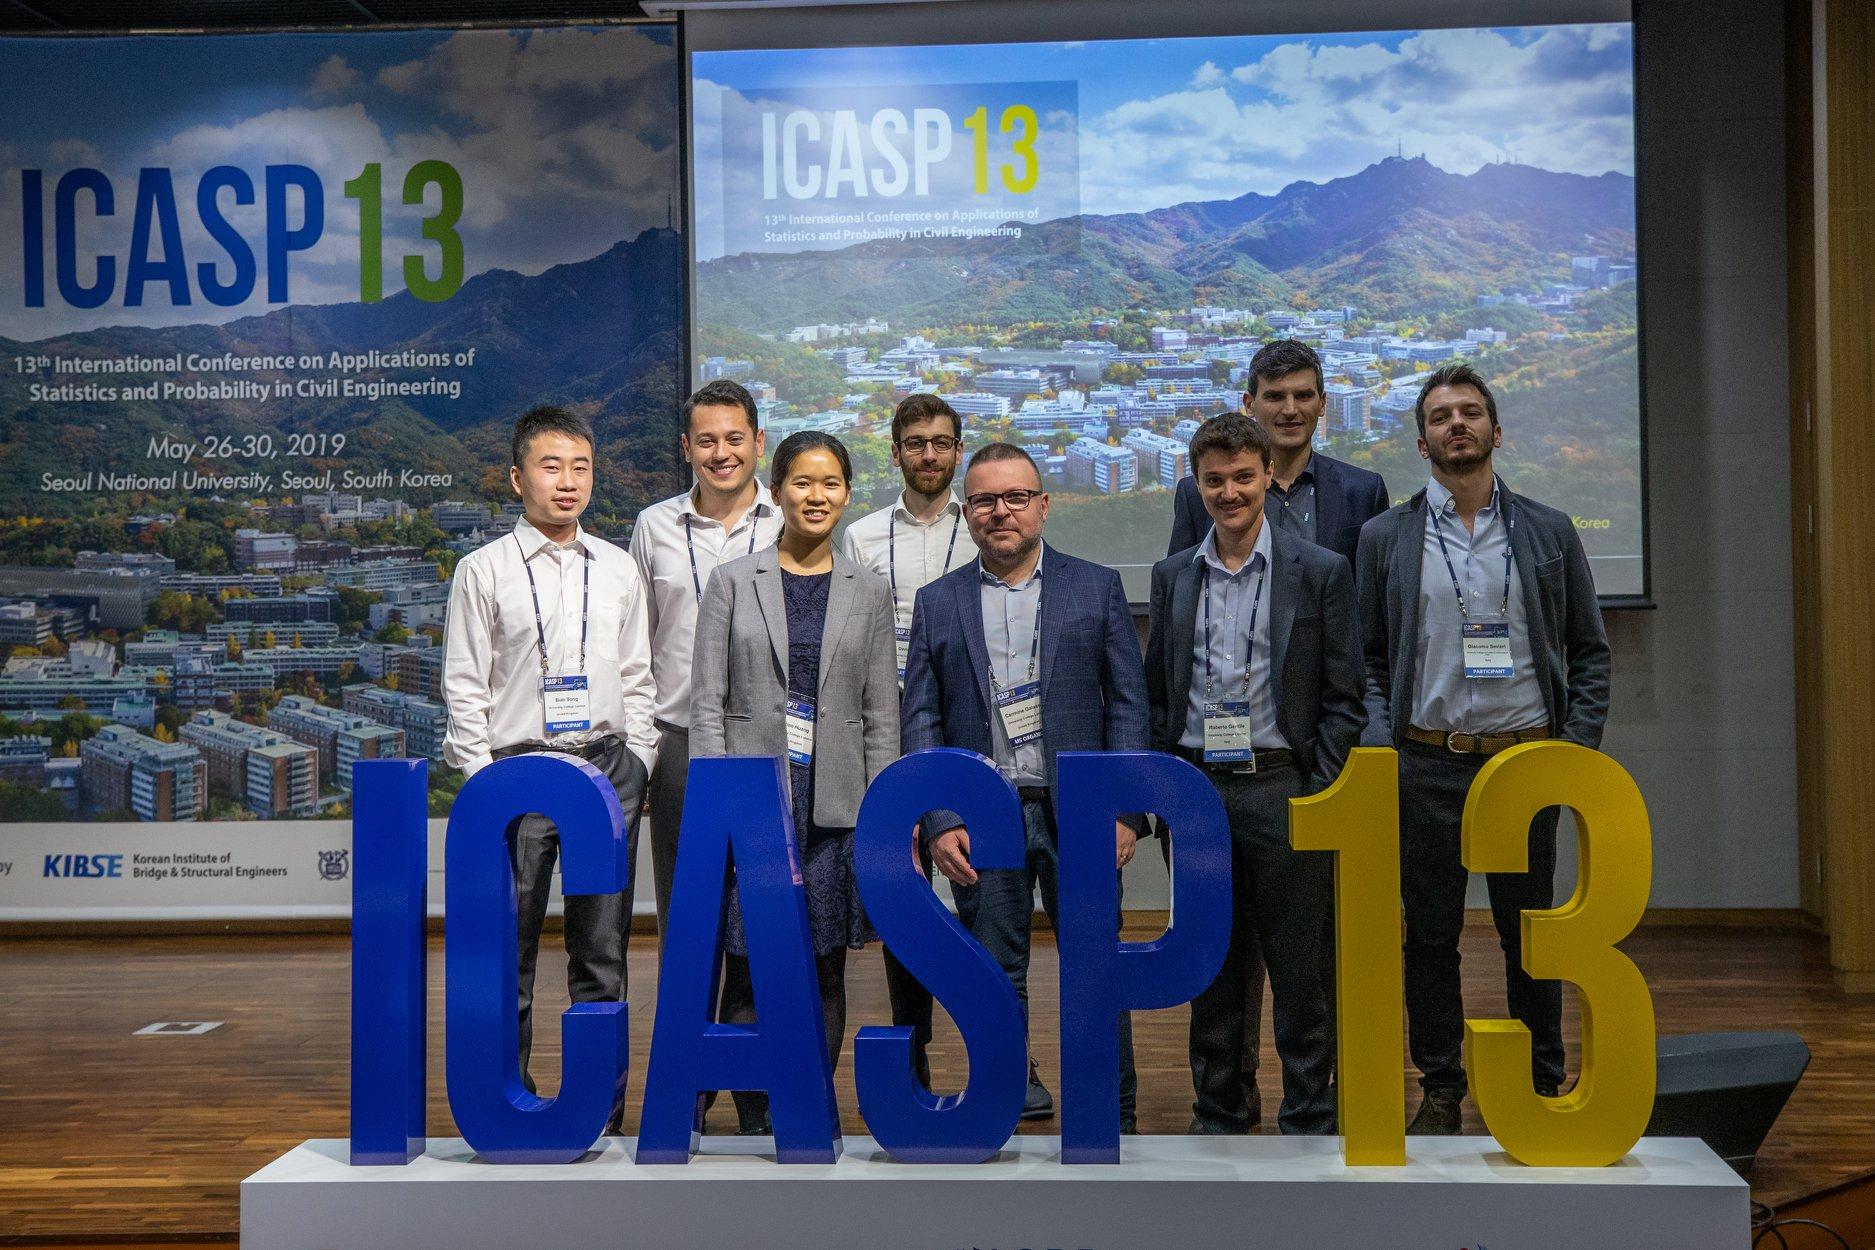 ICASP13